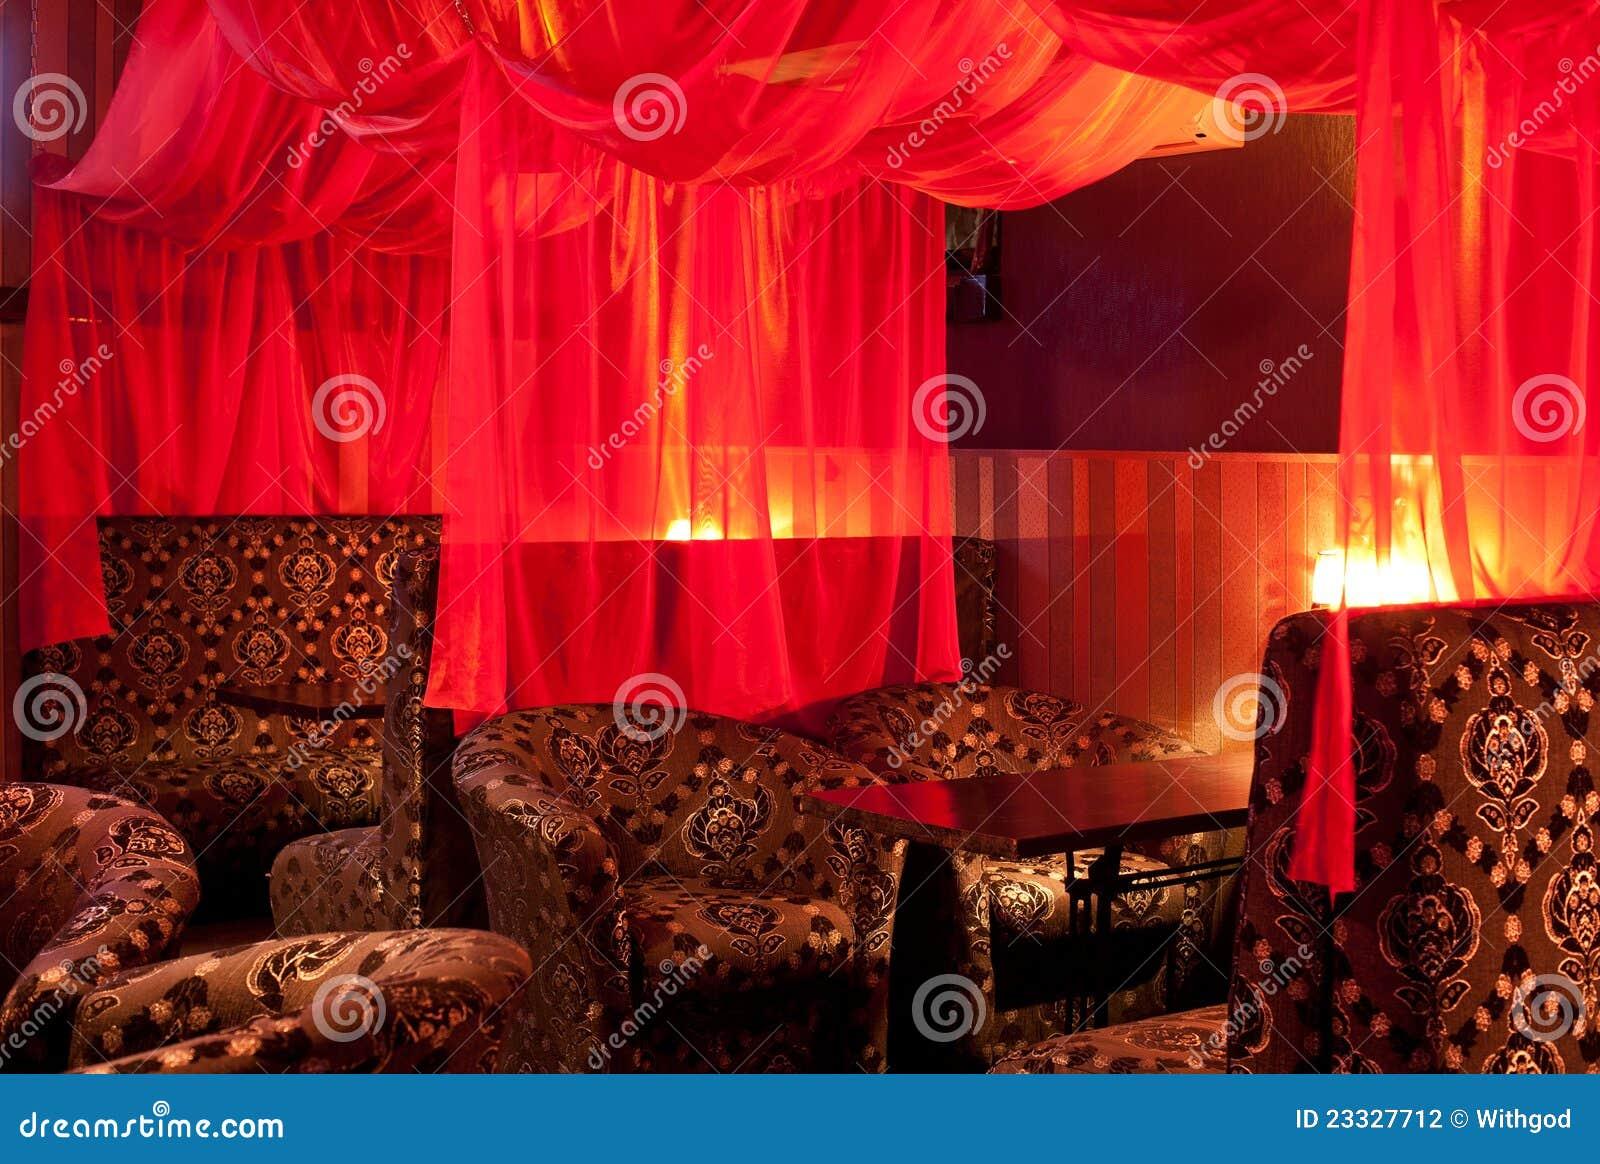 het binnenland van het restaurant oosterse stijl zachte banken en rode transparante gordijnen